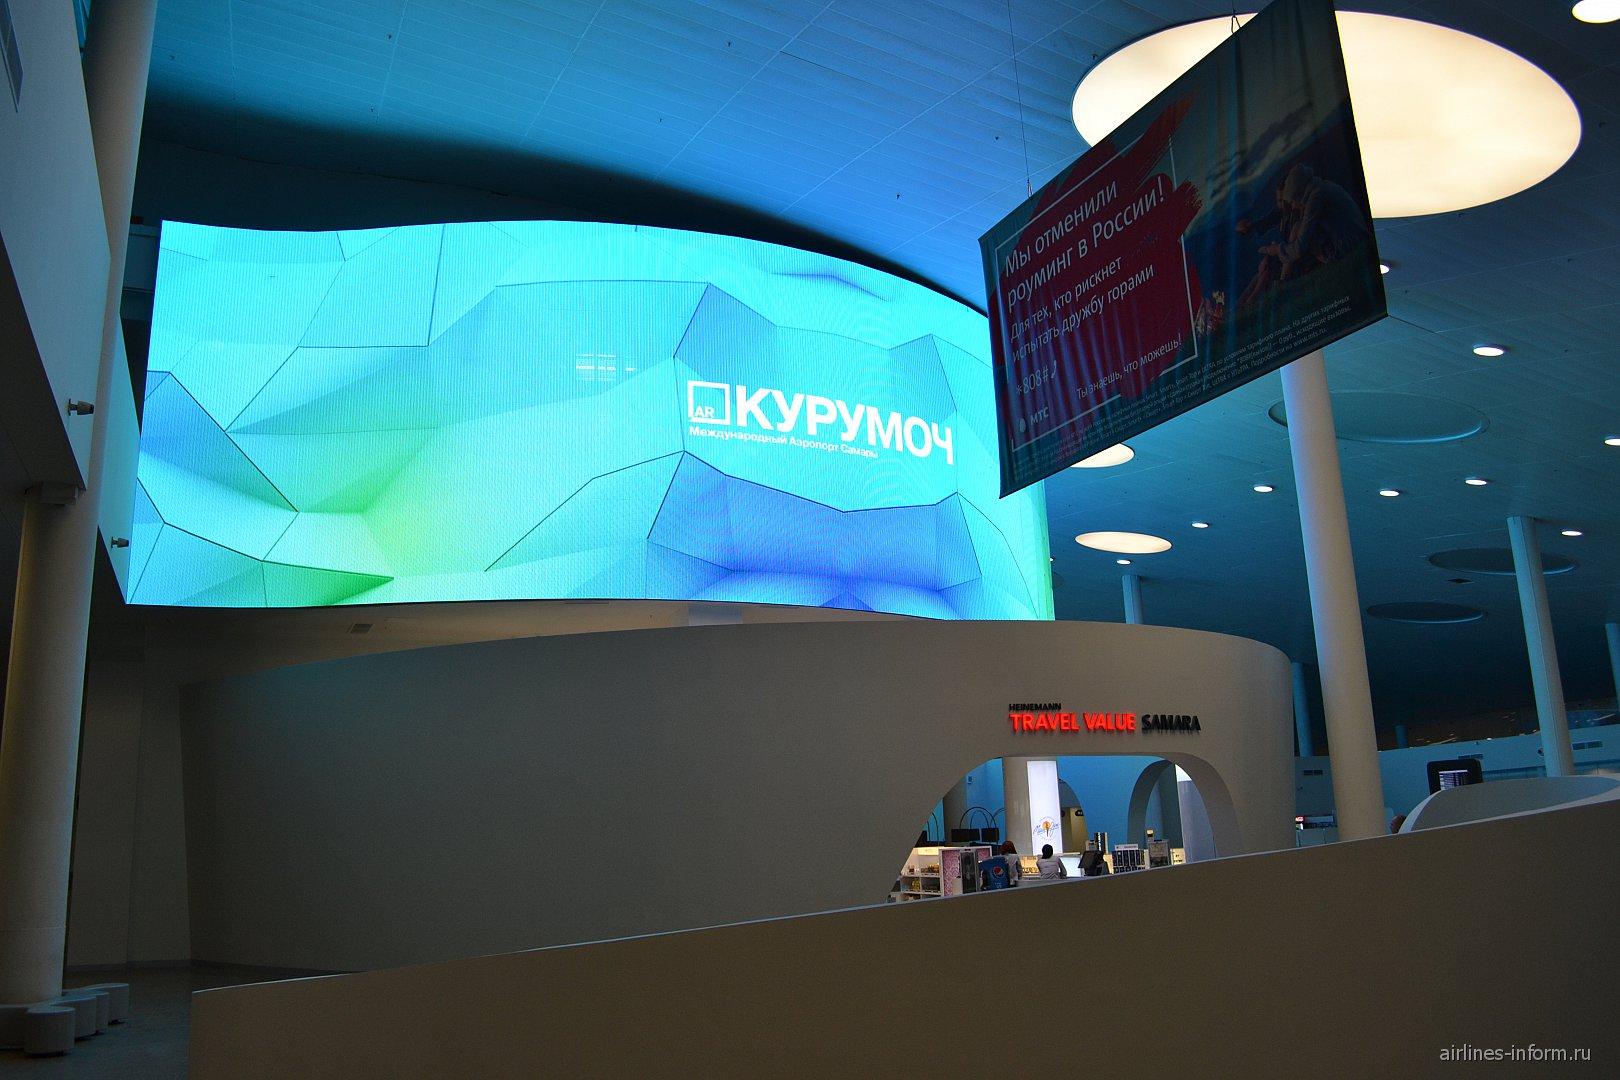 Большой ЖК-монитор в чистой зоне аэропорта Самара Курумоч